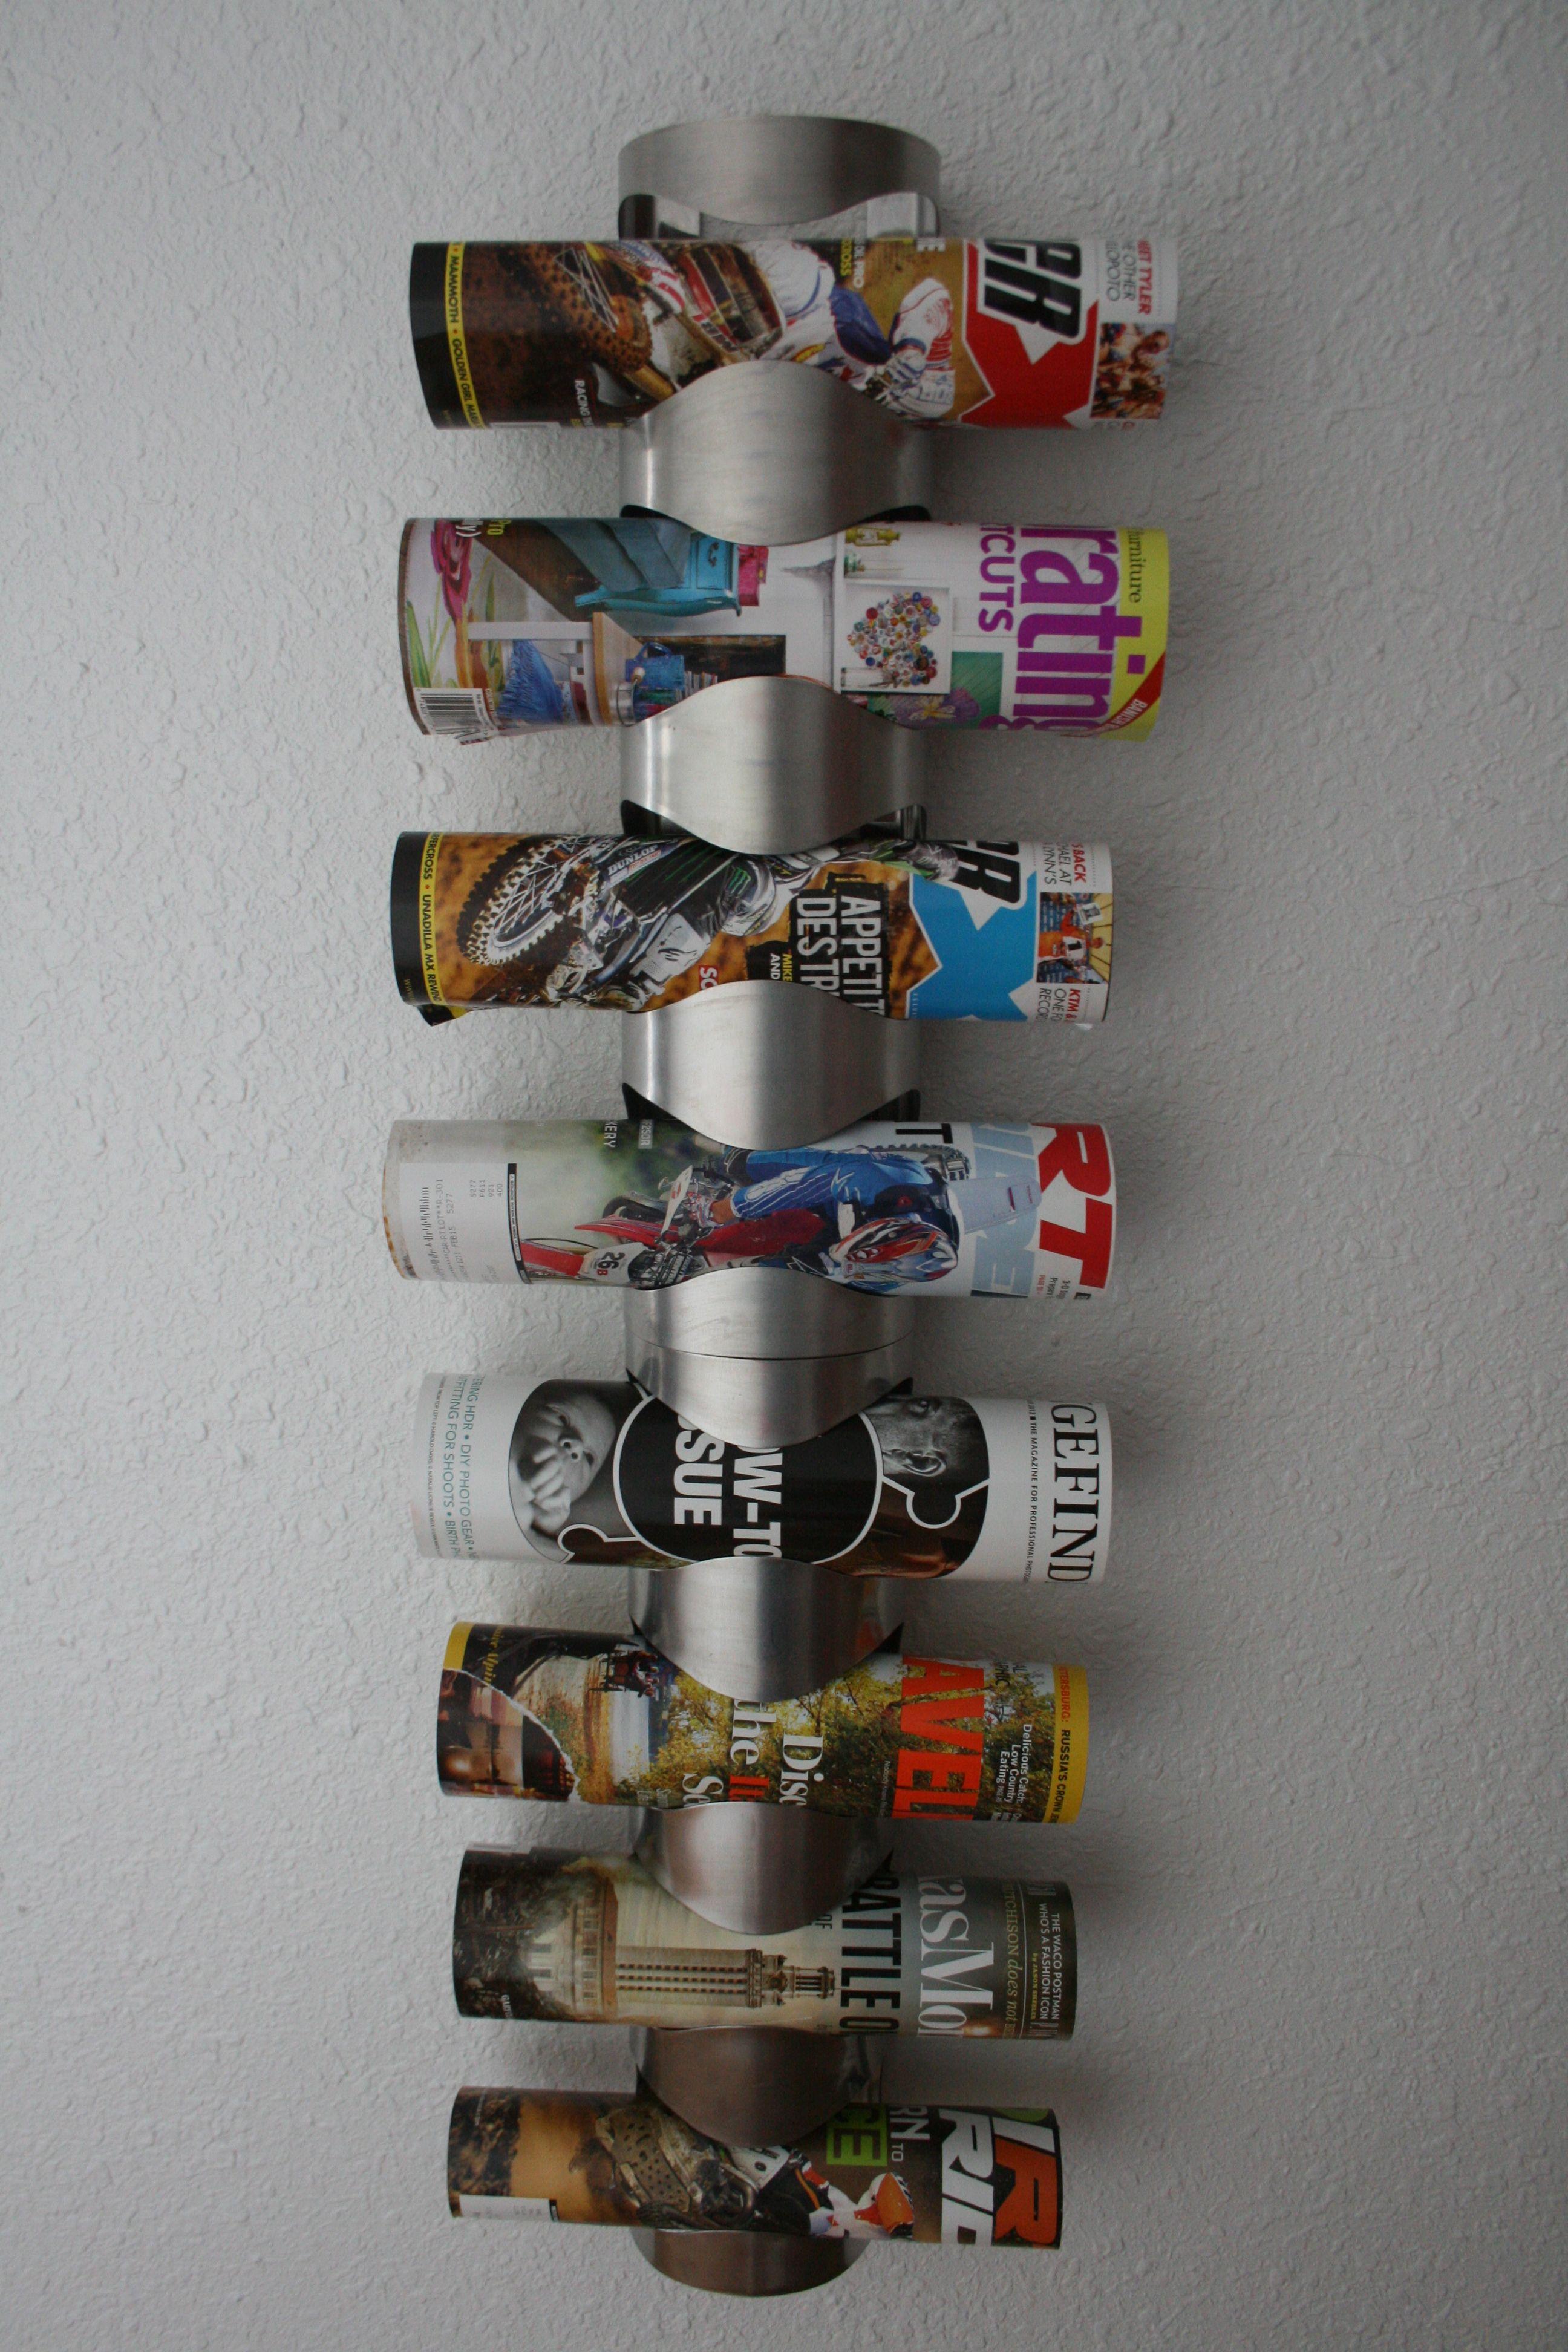 Ikea Wine Rack Turned Magazine Rack Home Pinterest